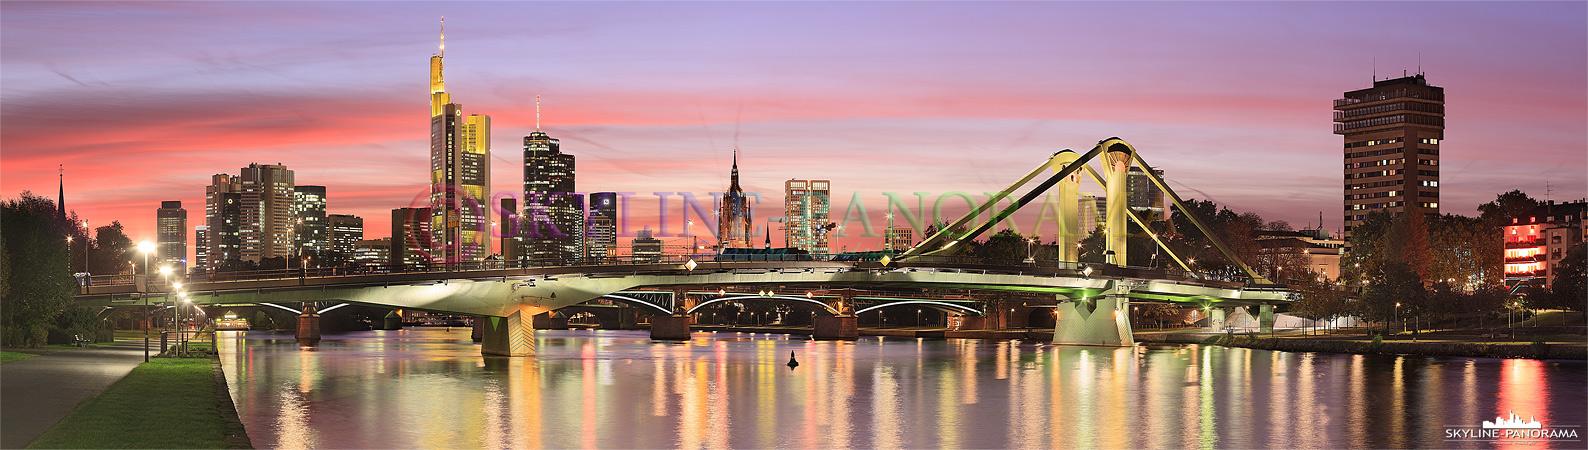 Dieses Panorama zeigt die Flößerbrücke und die dahinter liegende Skyline von Frankfurt am Main. Die Aufnahme entstand in Frankfurt während des Sonnenuntergangs